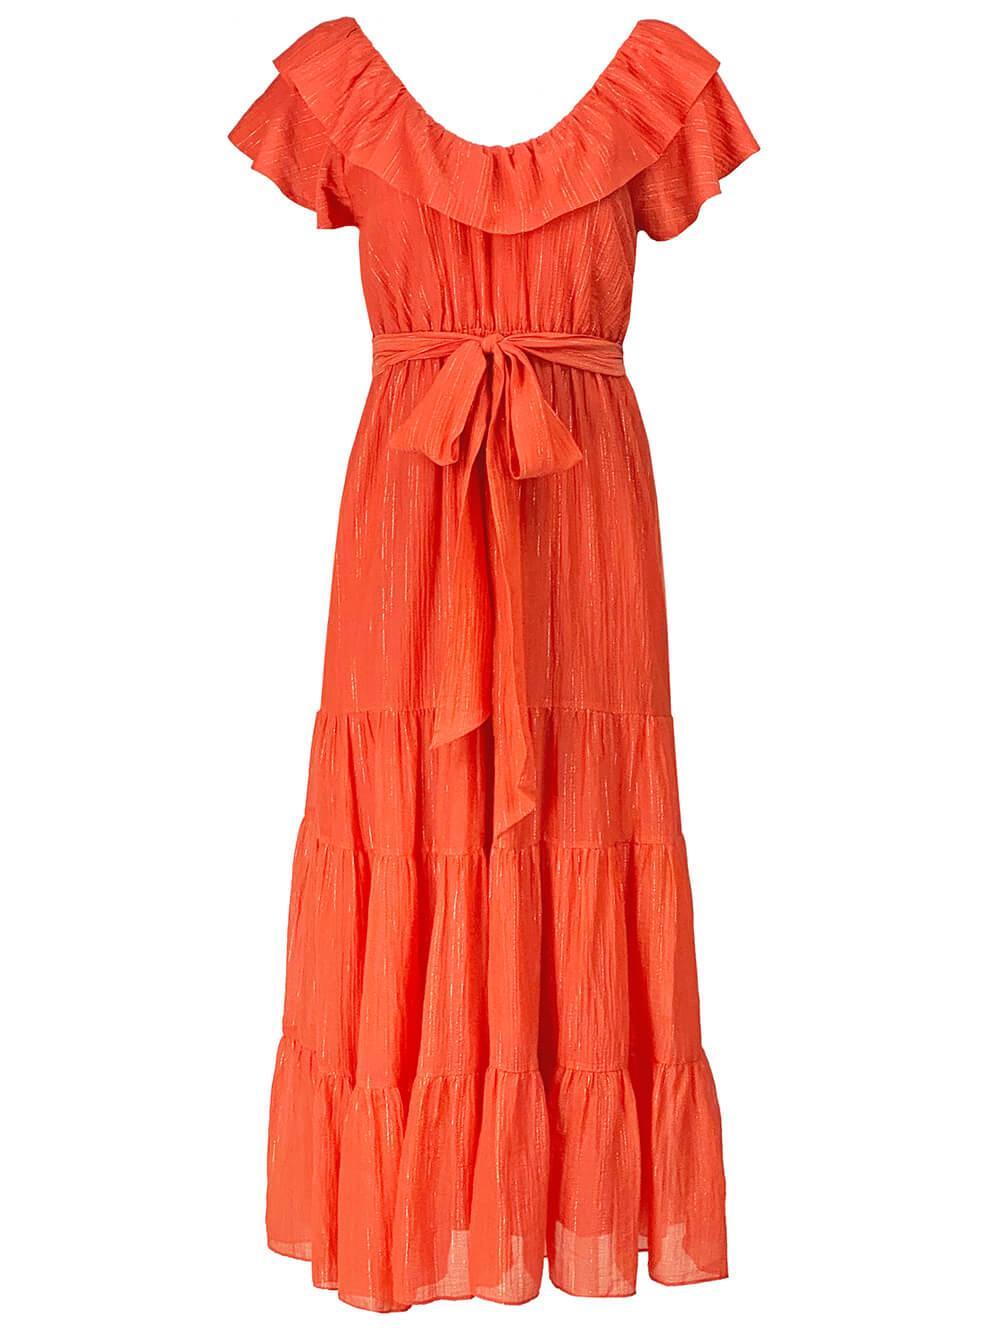 Kinley Maxi Dress Item # 2L6-106-162